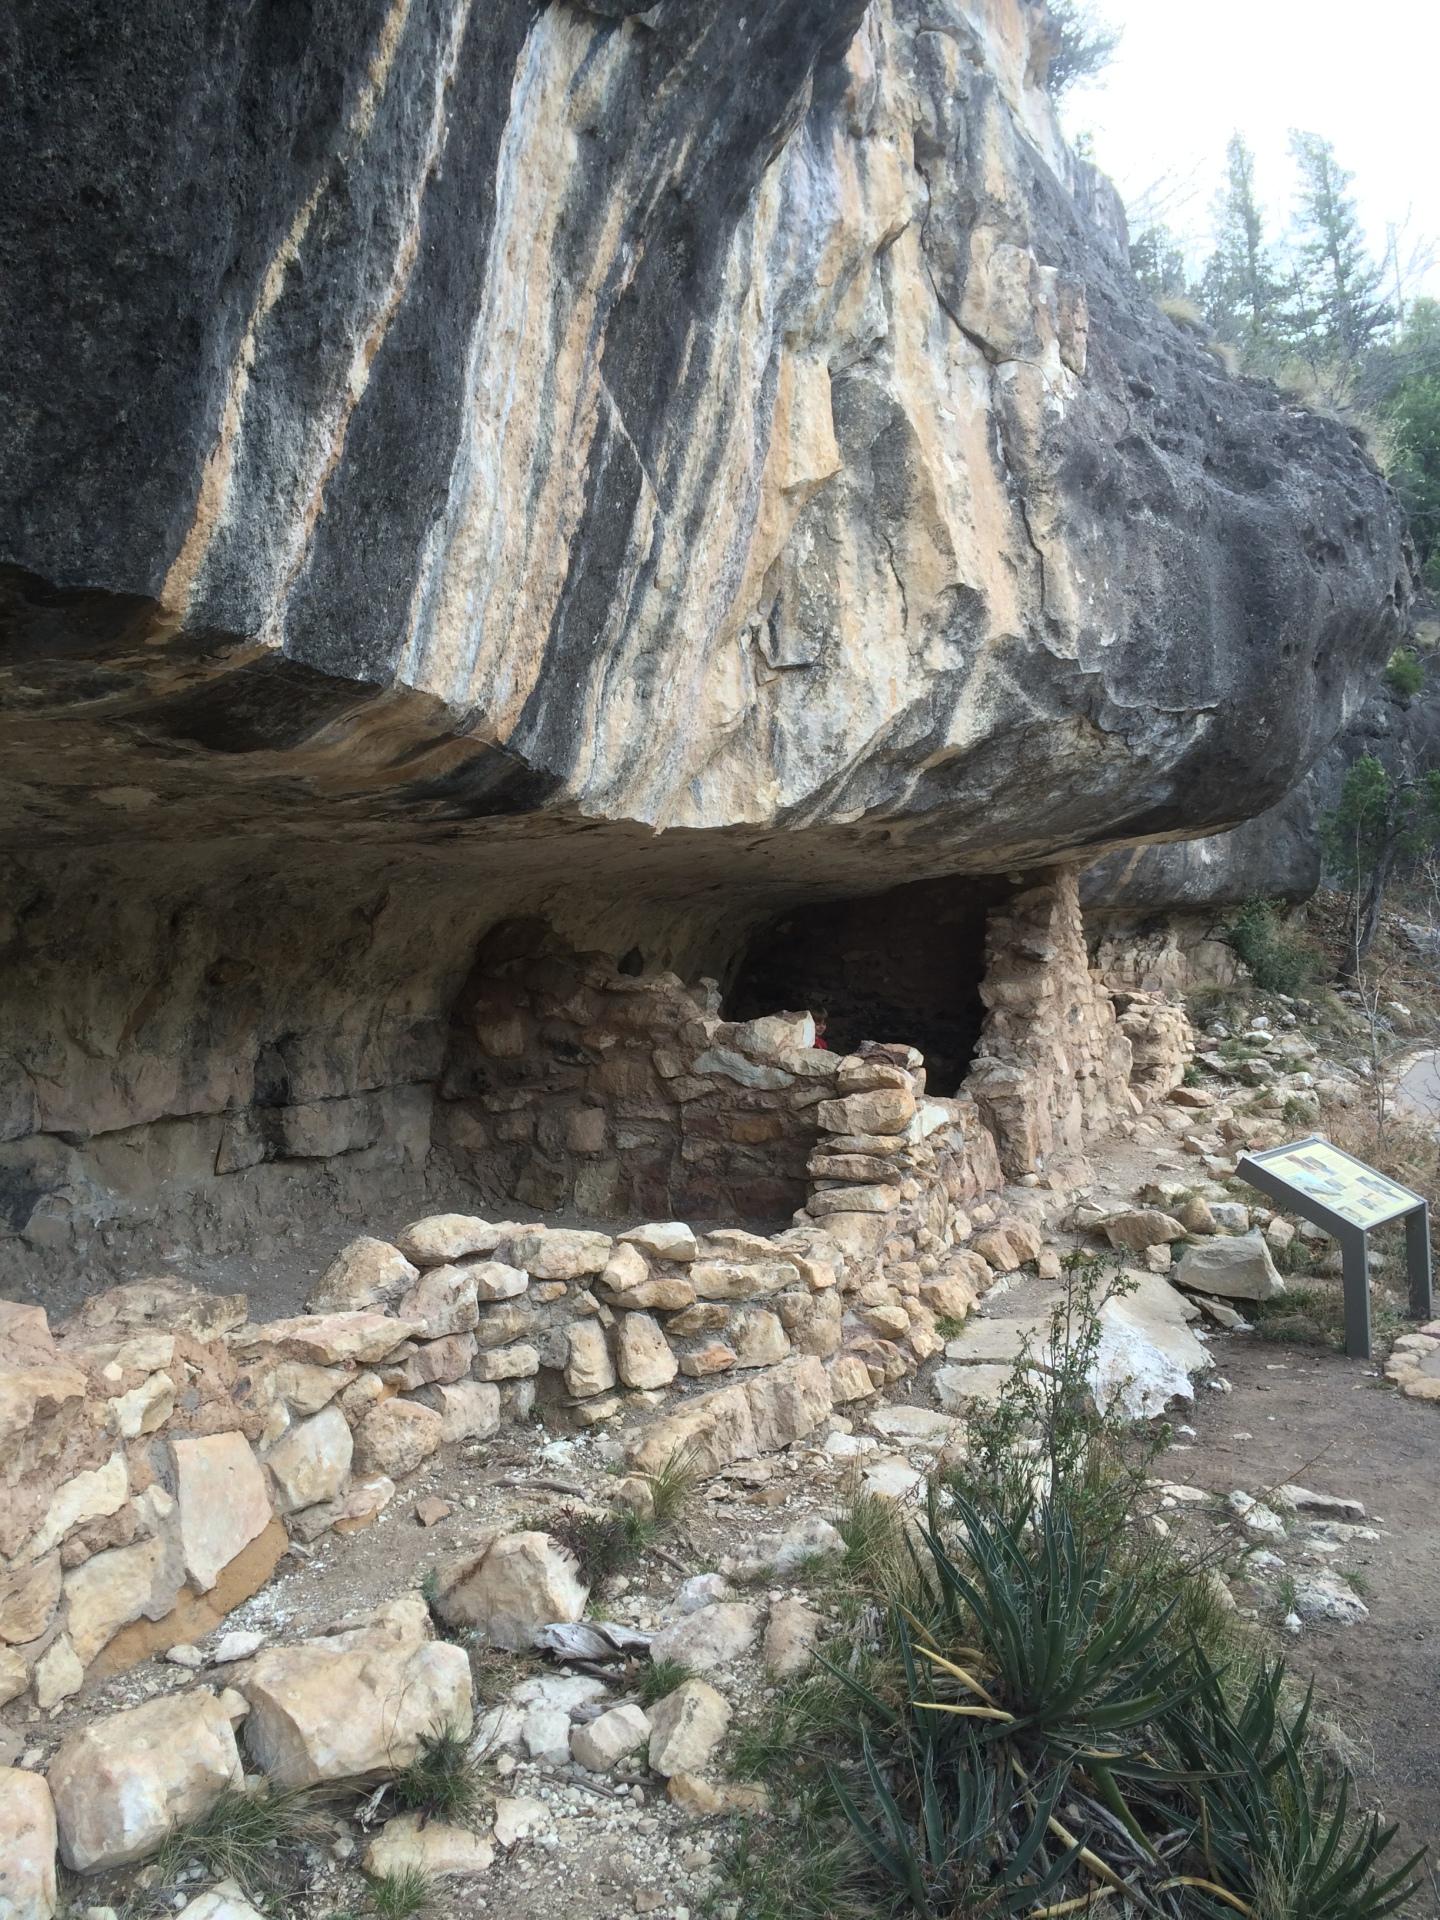 Canyon Dwellings of Arizona